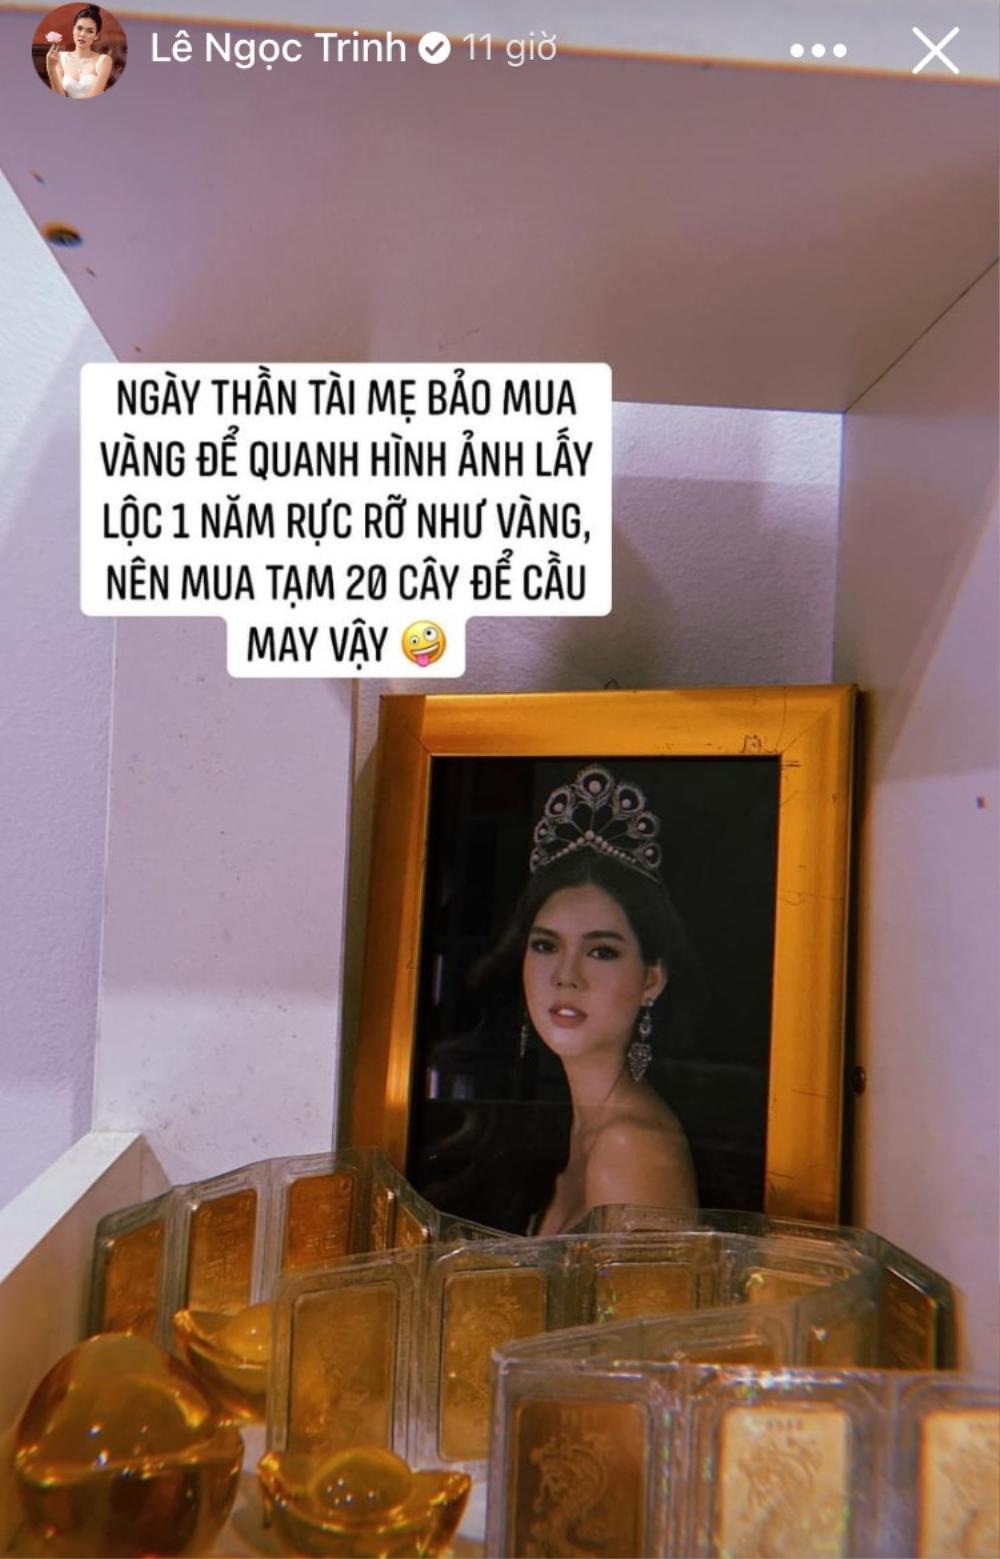 Vừa 'khoe' mua 20 cây vàng cầu may, Ngọc Trinh đã hững hờ 'khoe' vòng 1 đầy quyến rũ Ảnh 2